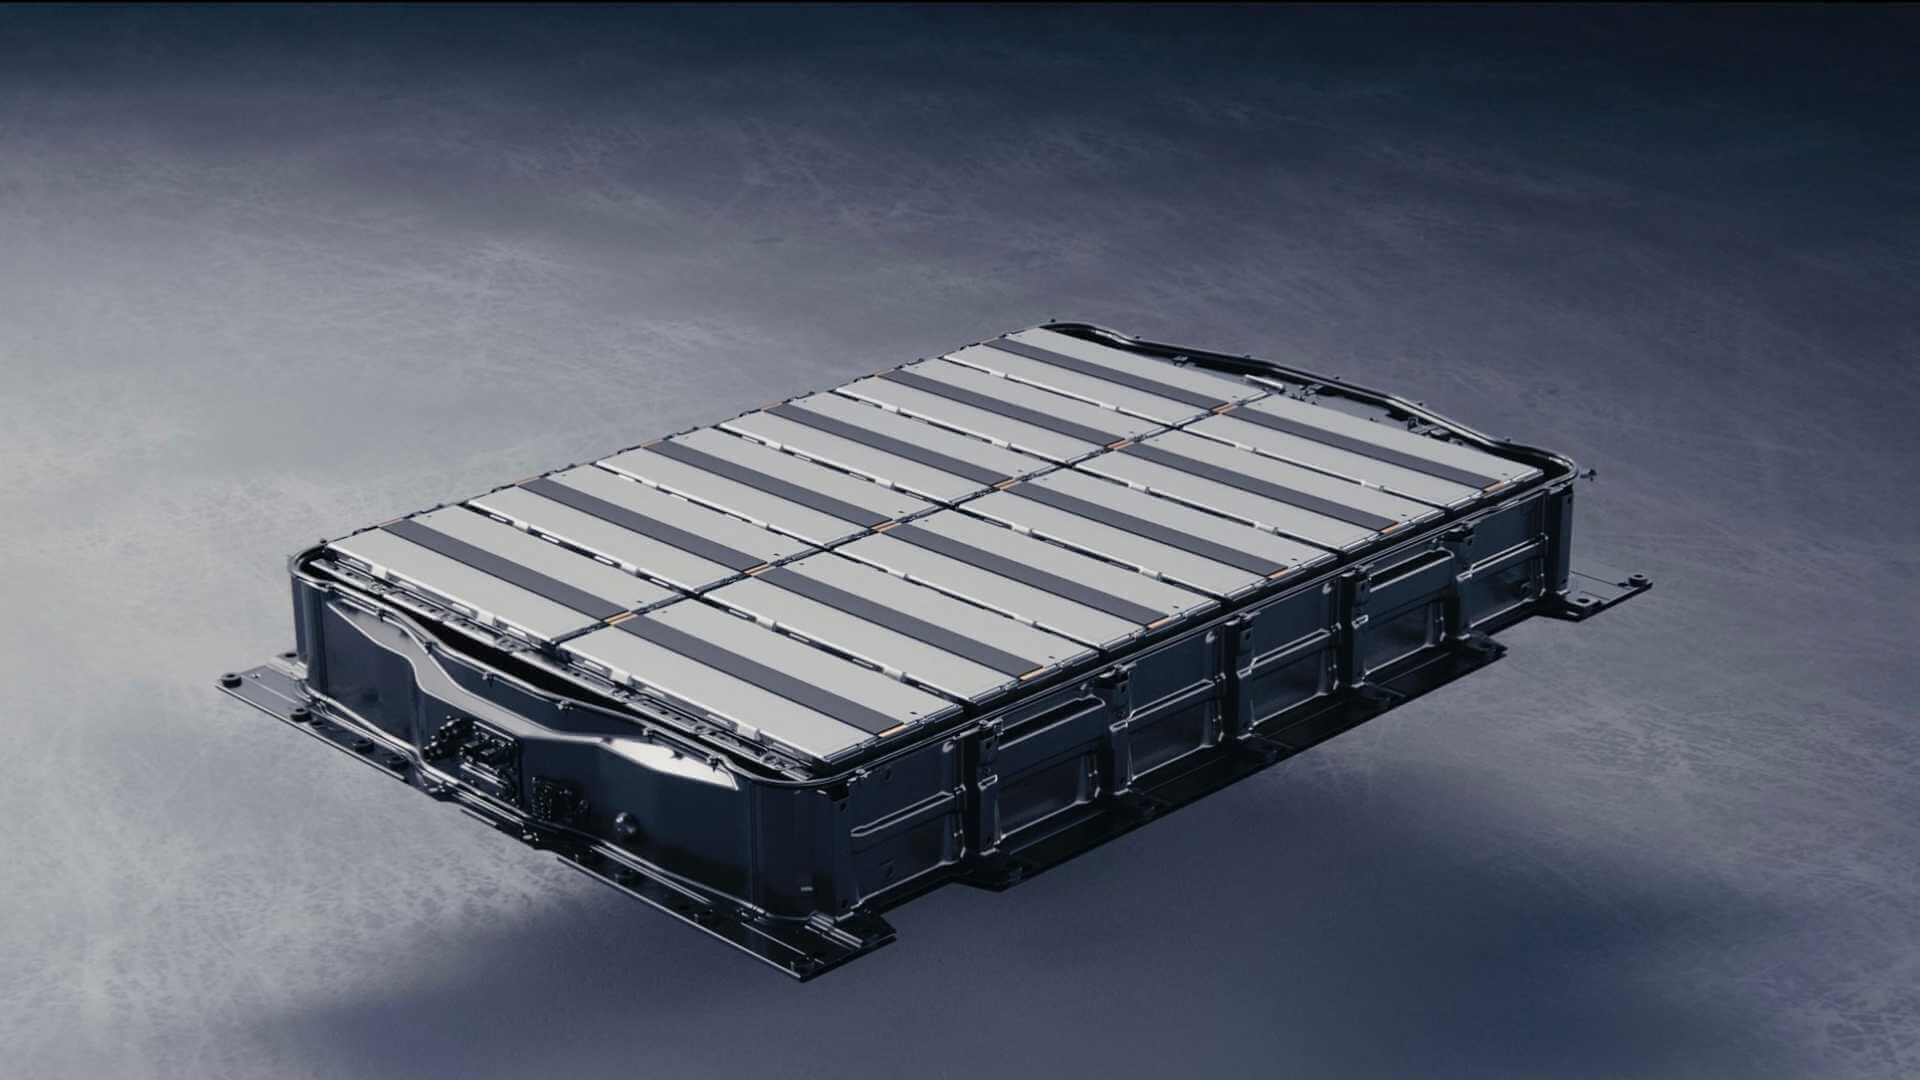 Каждая платформа GM Ultium, которая будет использоваться в будущих электромобилях, таких как GMC HUMMER EV и Cadillac LYRIQ, содержит от 6 до 24 аккумуляторных модулей